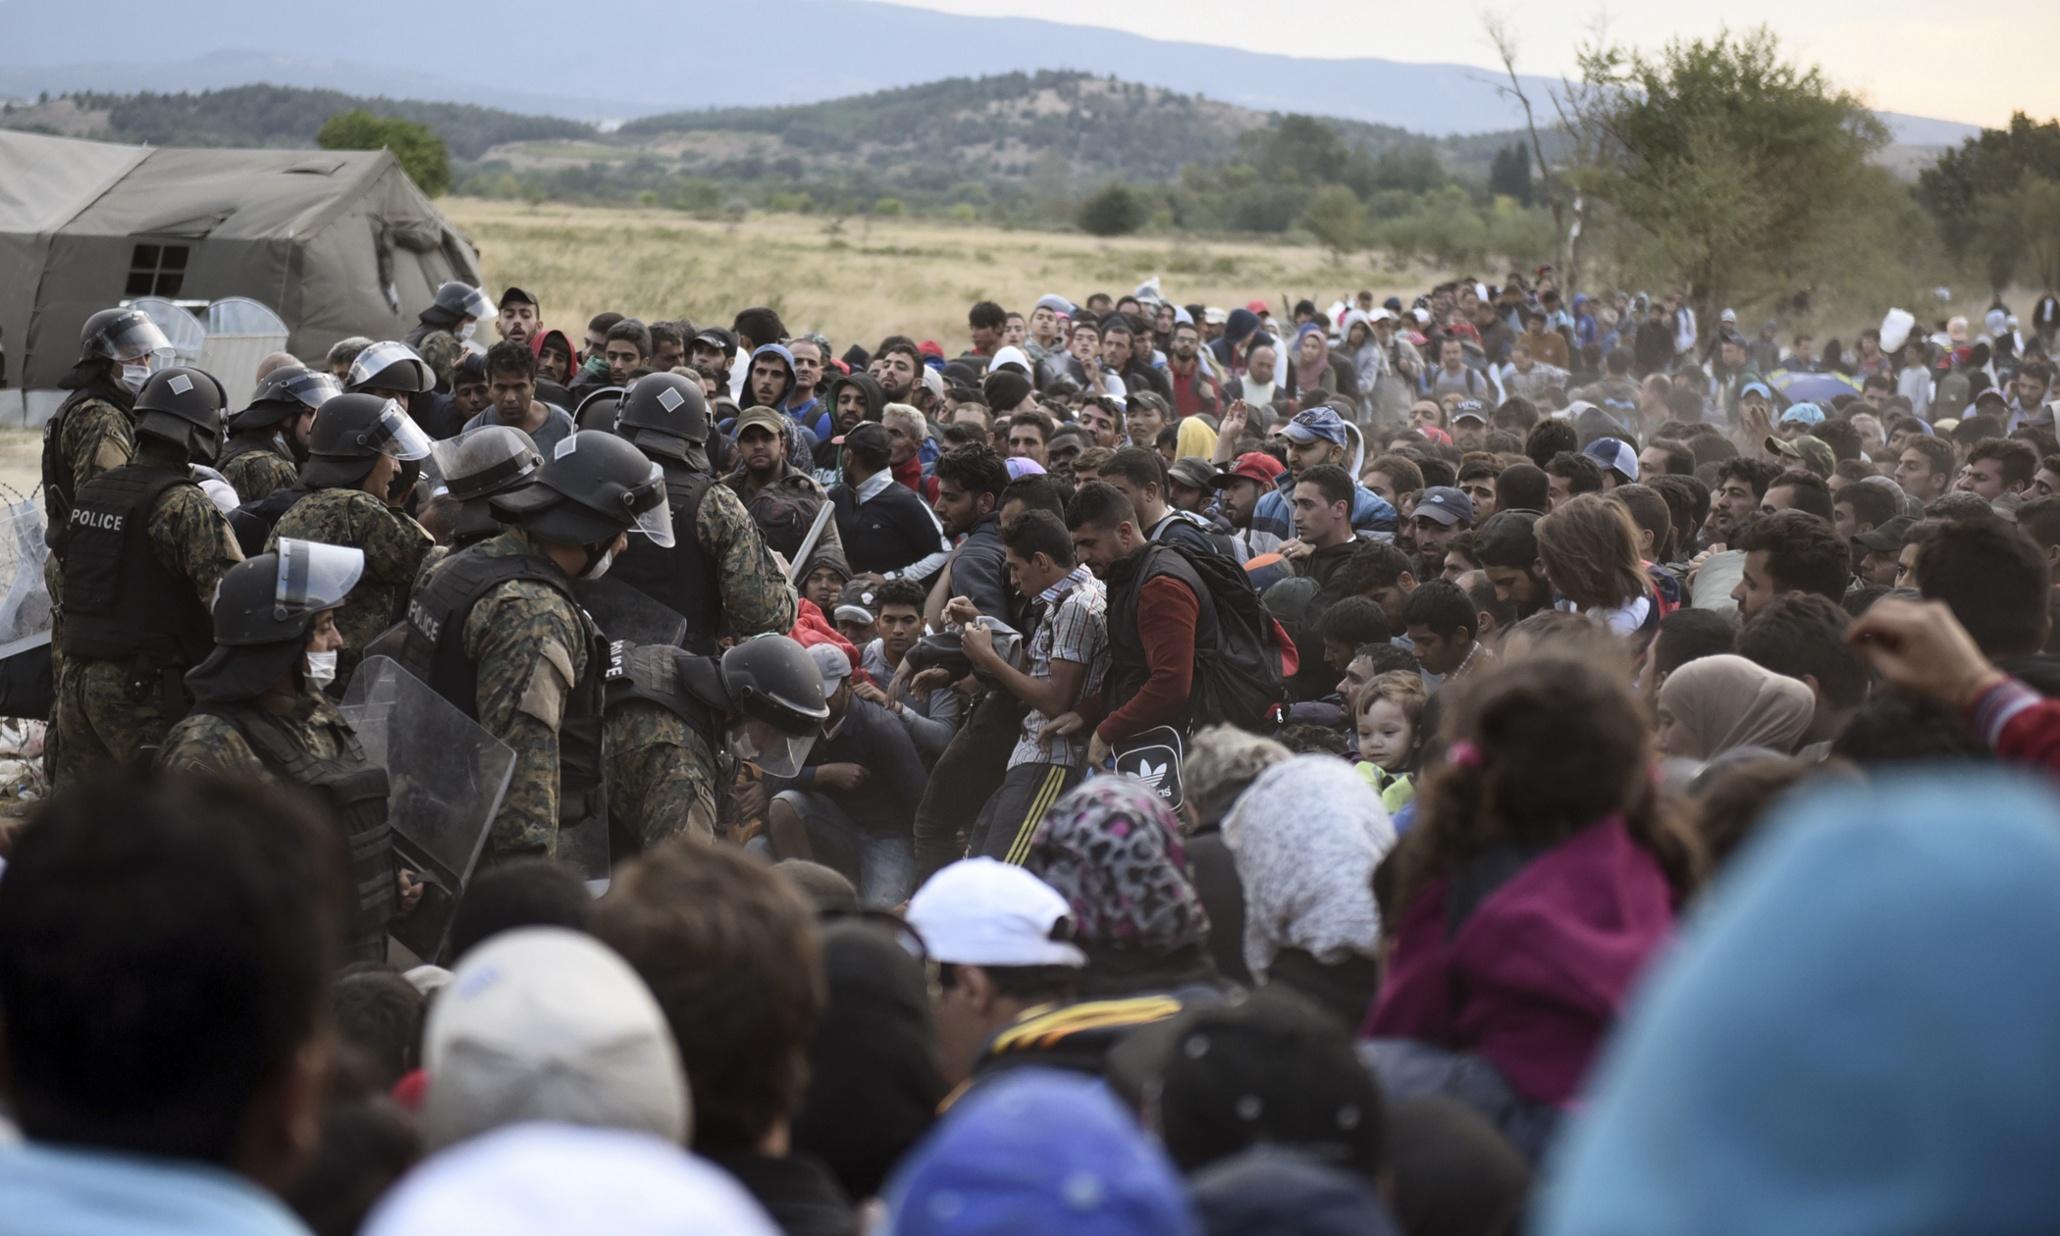 敘利亞難民的長途流徙,是天災與人禍交錯的複雜結果。(圖片來源:Giannis Papanikos/AP)